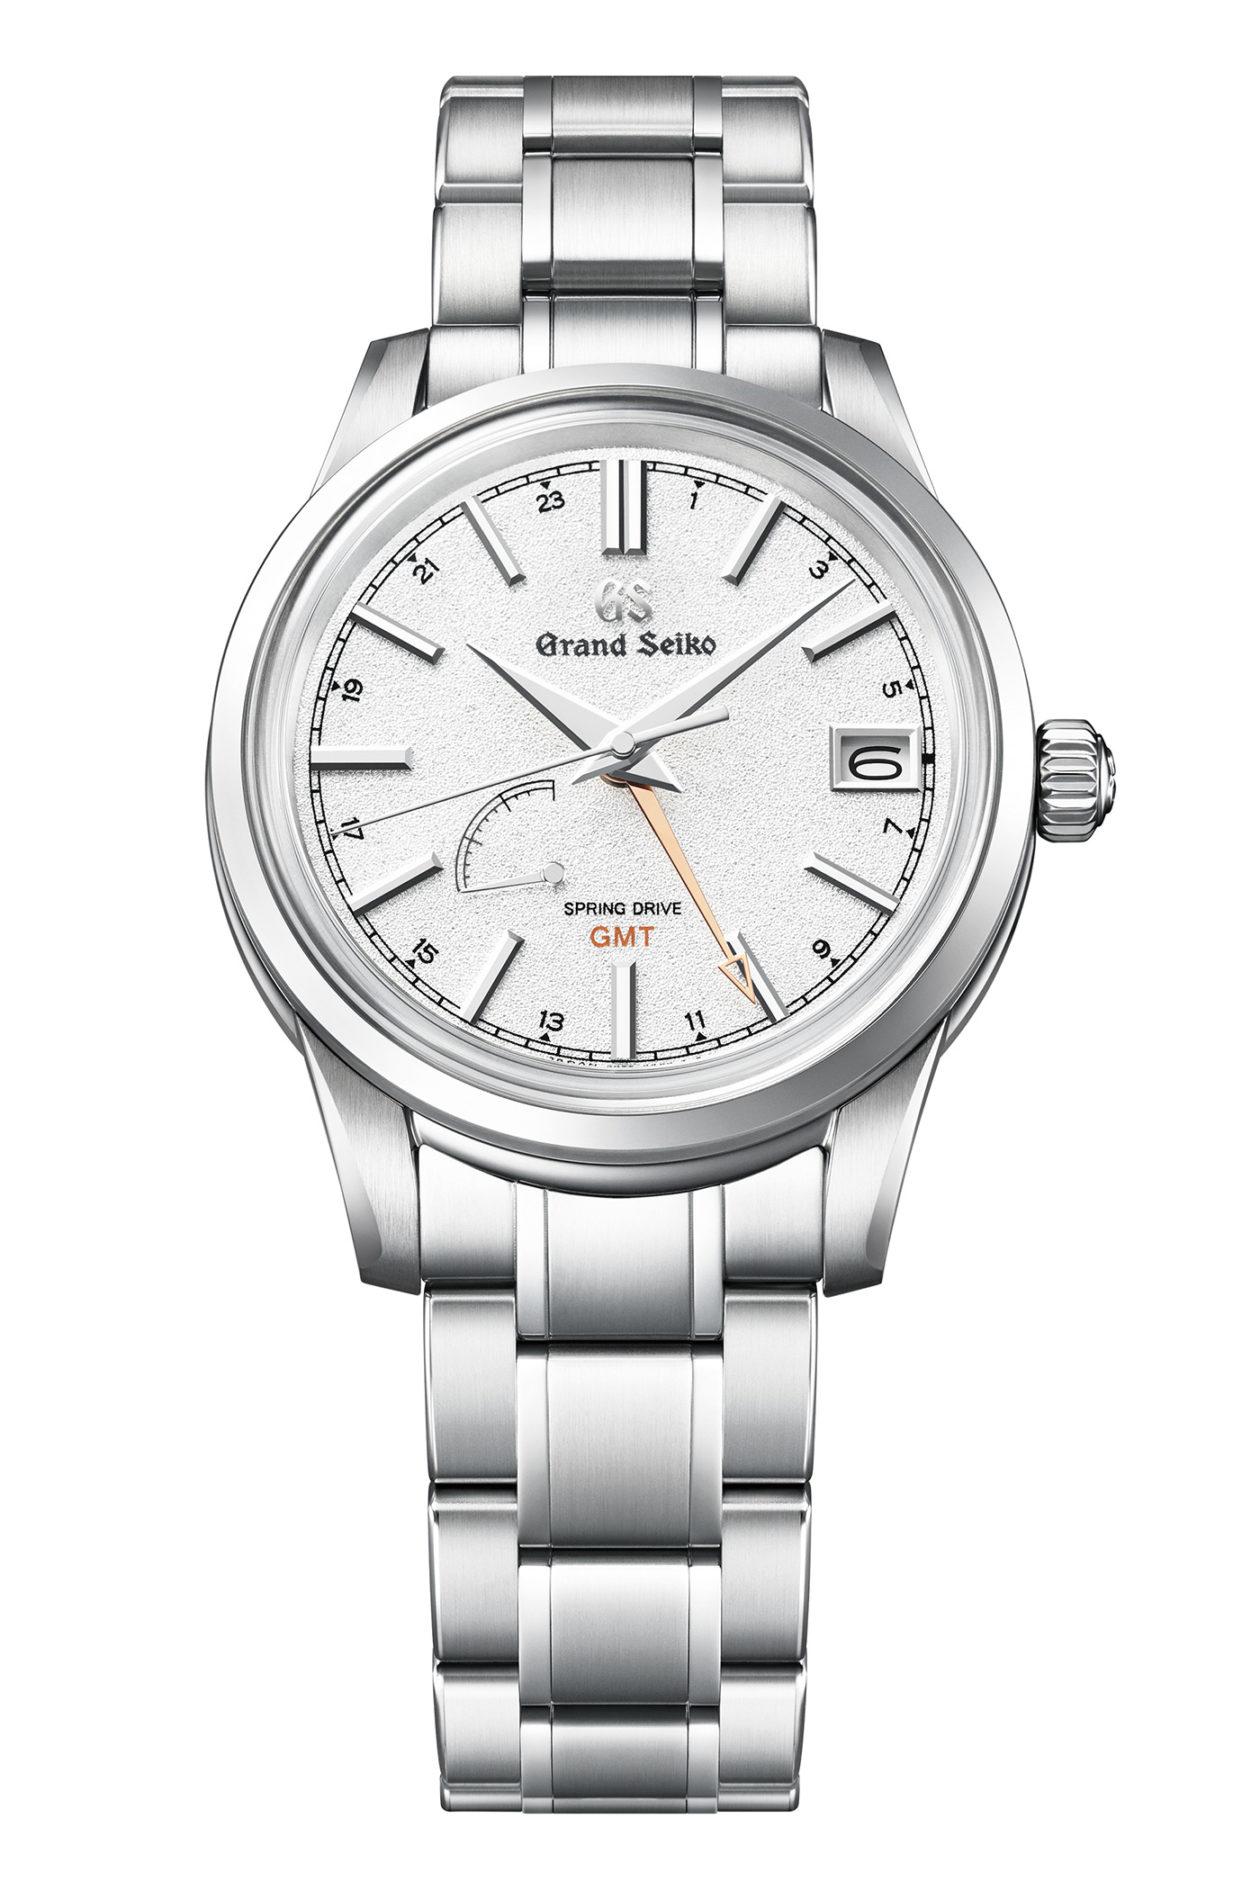 Grand Seiko GMT ref. SBGE269